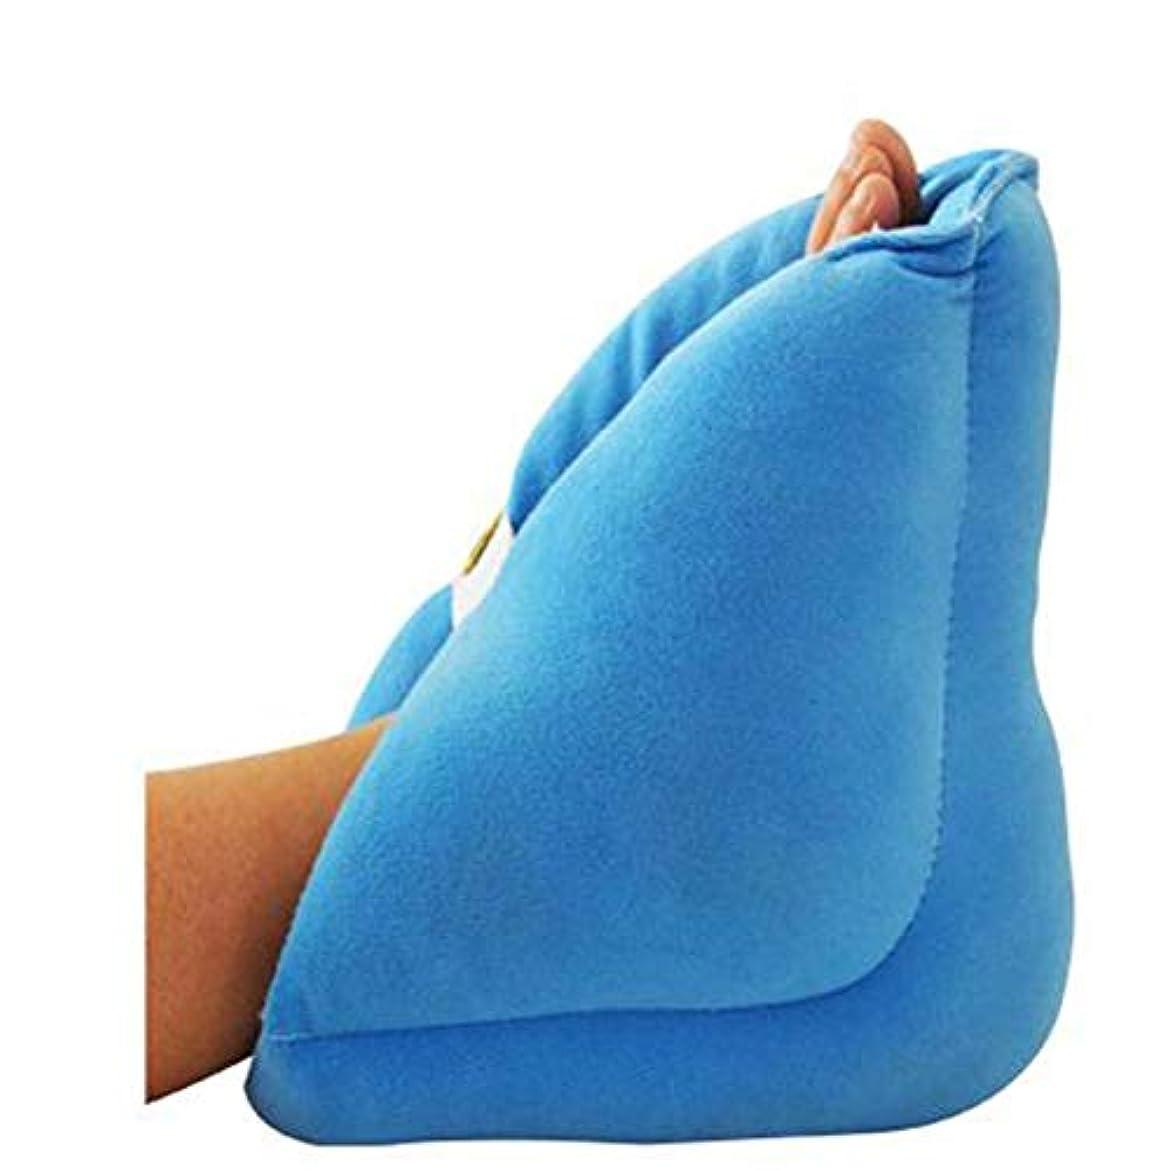 セールスマン束ペインティングかかとプロテクター枕抗褥瘡??踵保護パッド、抗褥瘡踵パッド寝たきり患者ケア肥厚